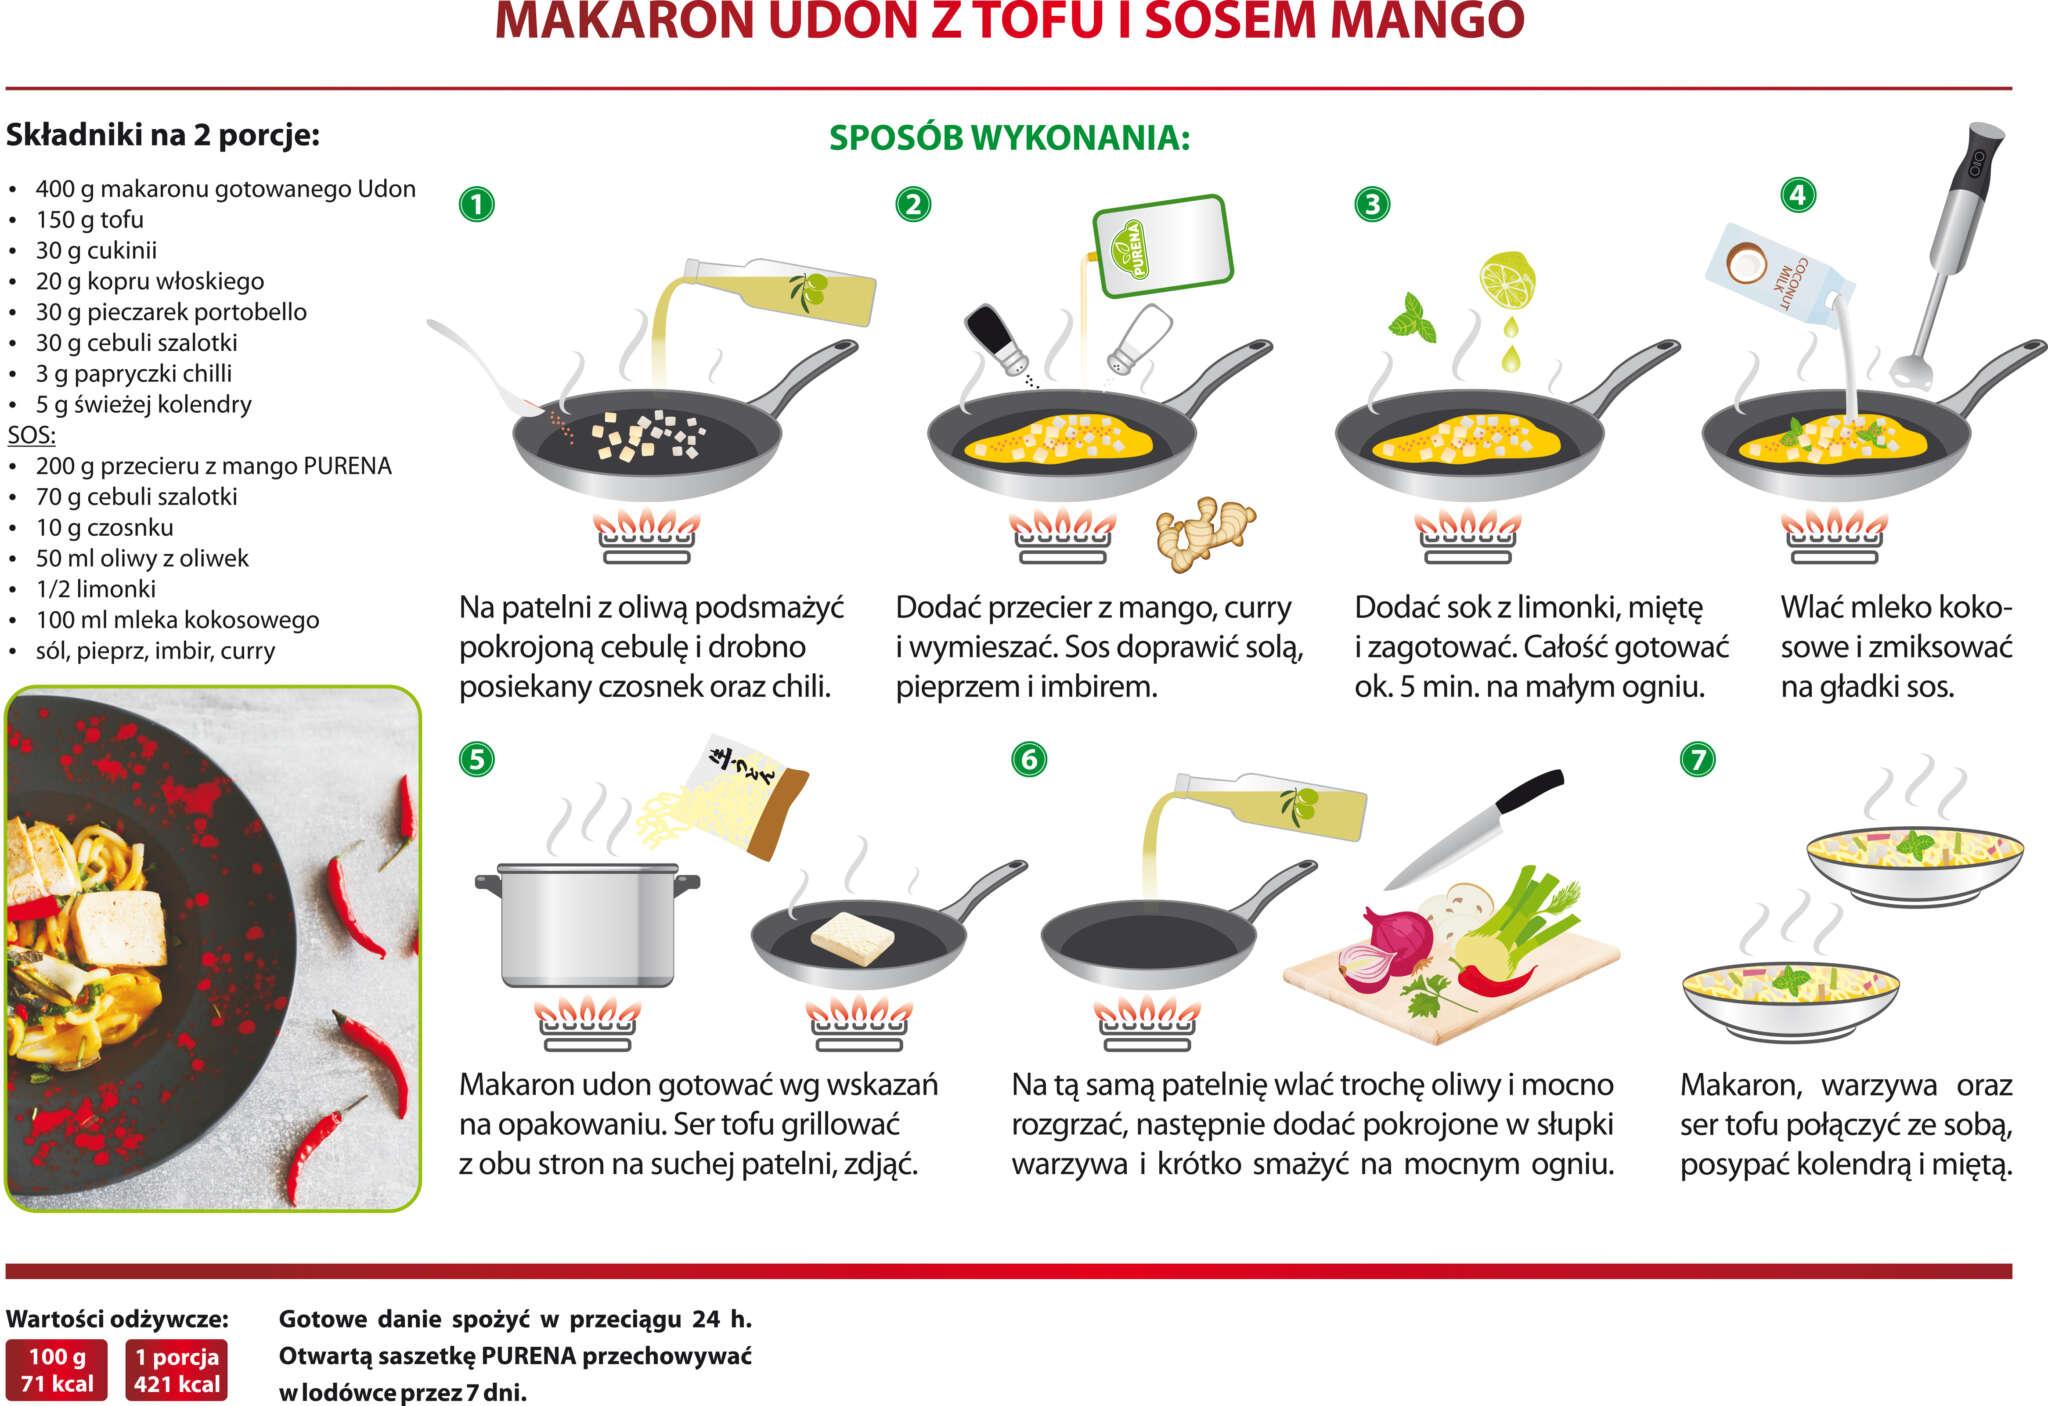 Makaron udon z tofu i sosem mango